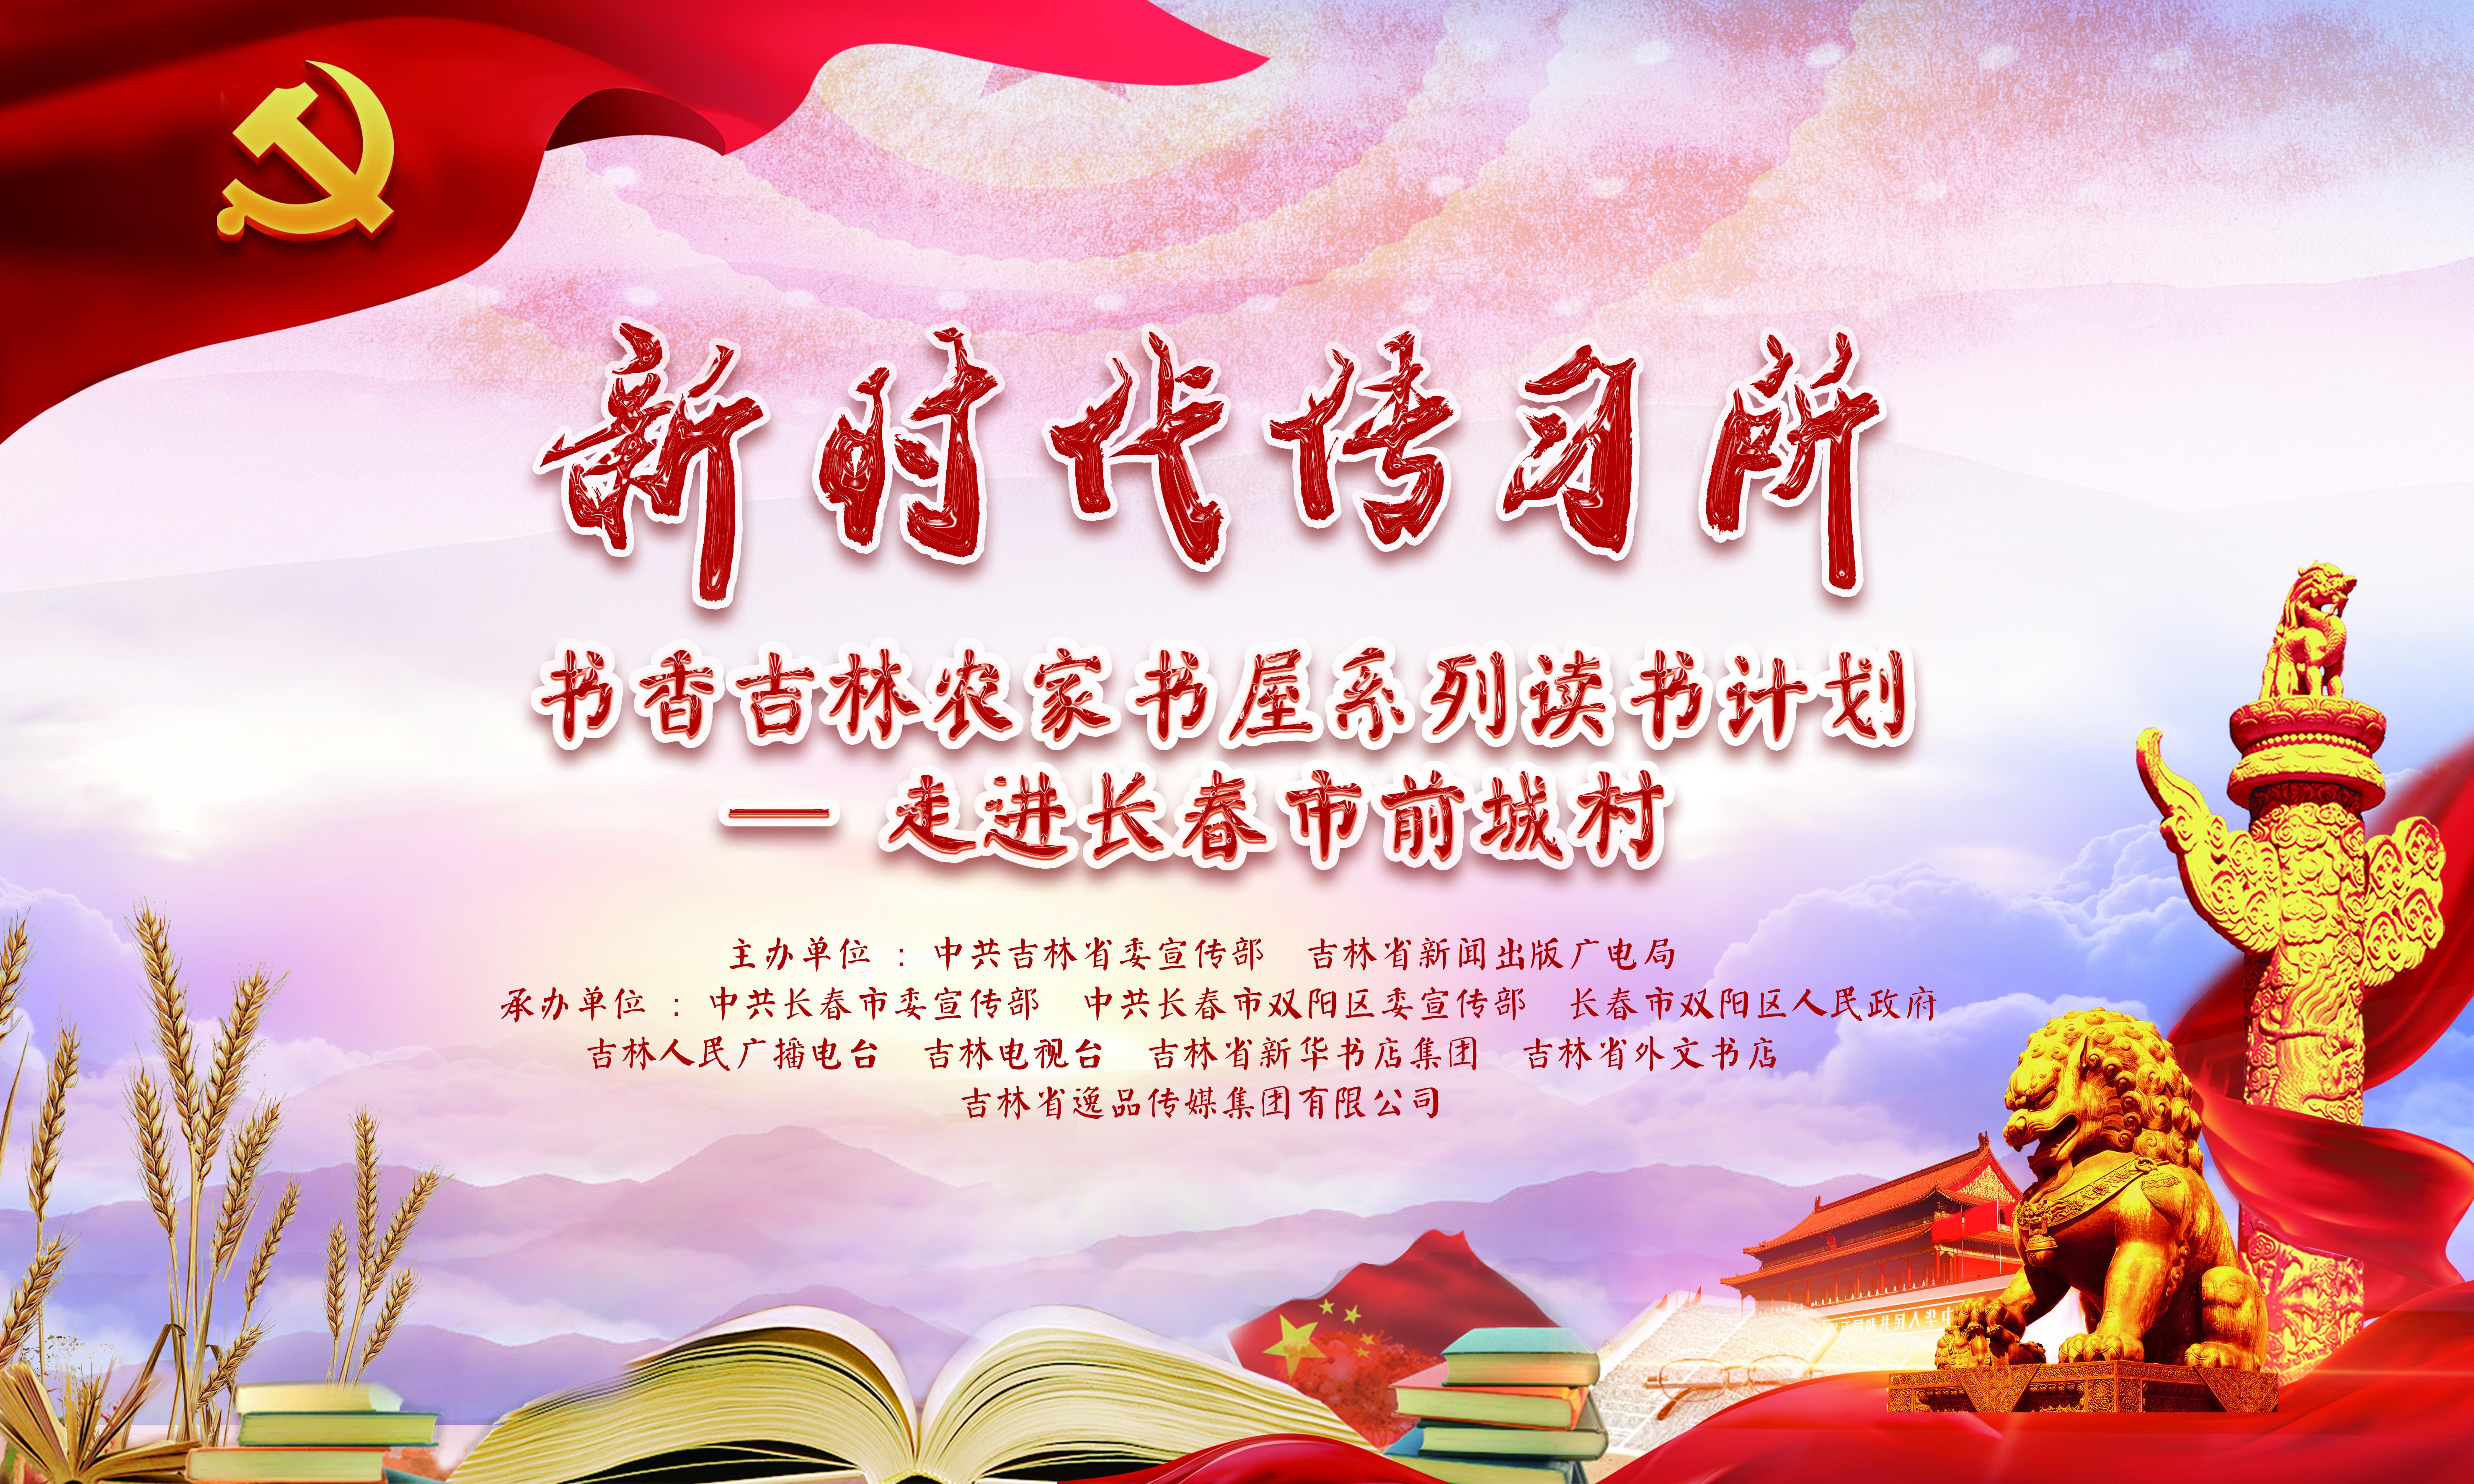 新时代传习所书香吉林农家书屋系列读书计划——走进长春市双阳区前城村